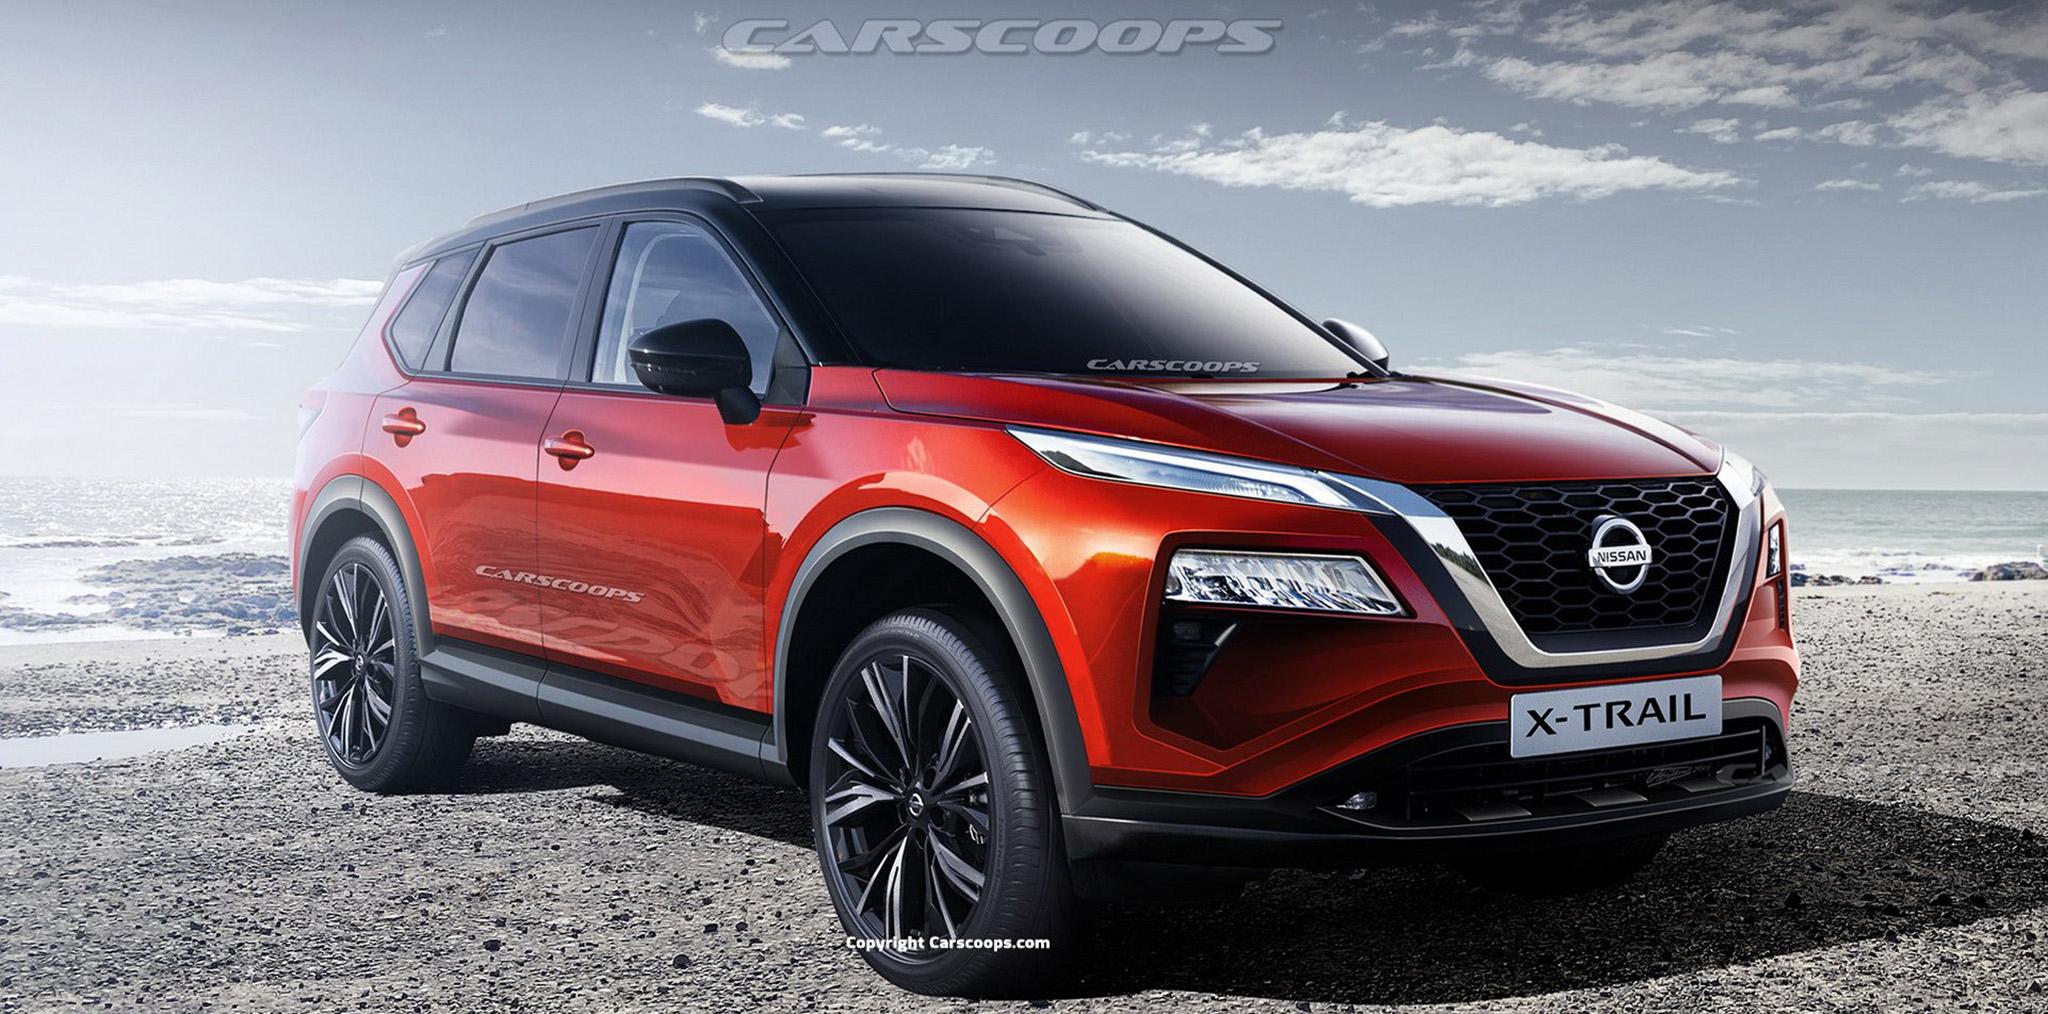 Xem trước thiết kế của Nissan X-Trail 2021, đối thủ Honda CR-V